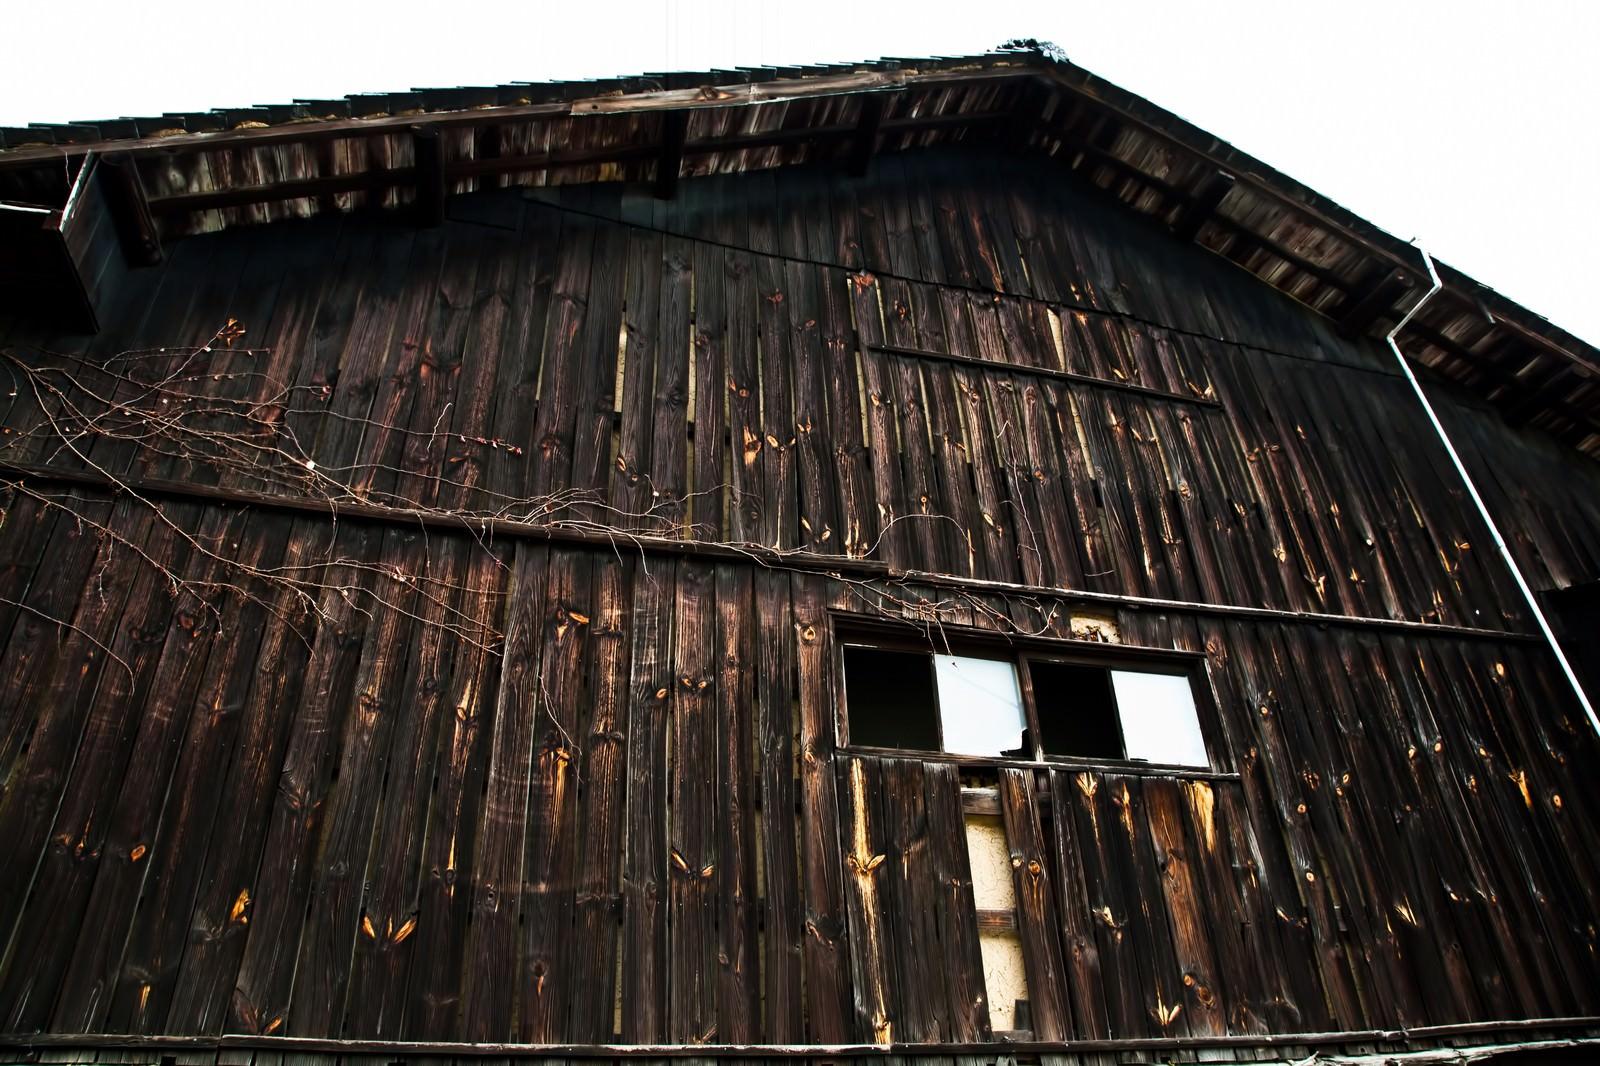 「木造の古い造りの倉」の写真